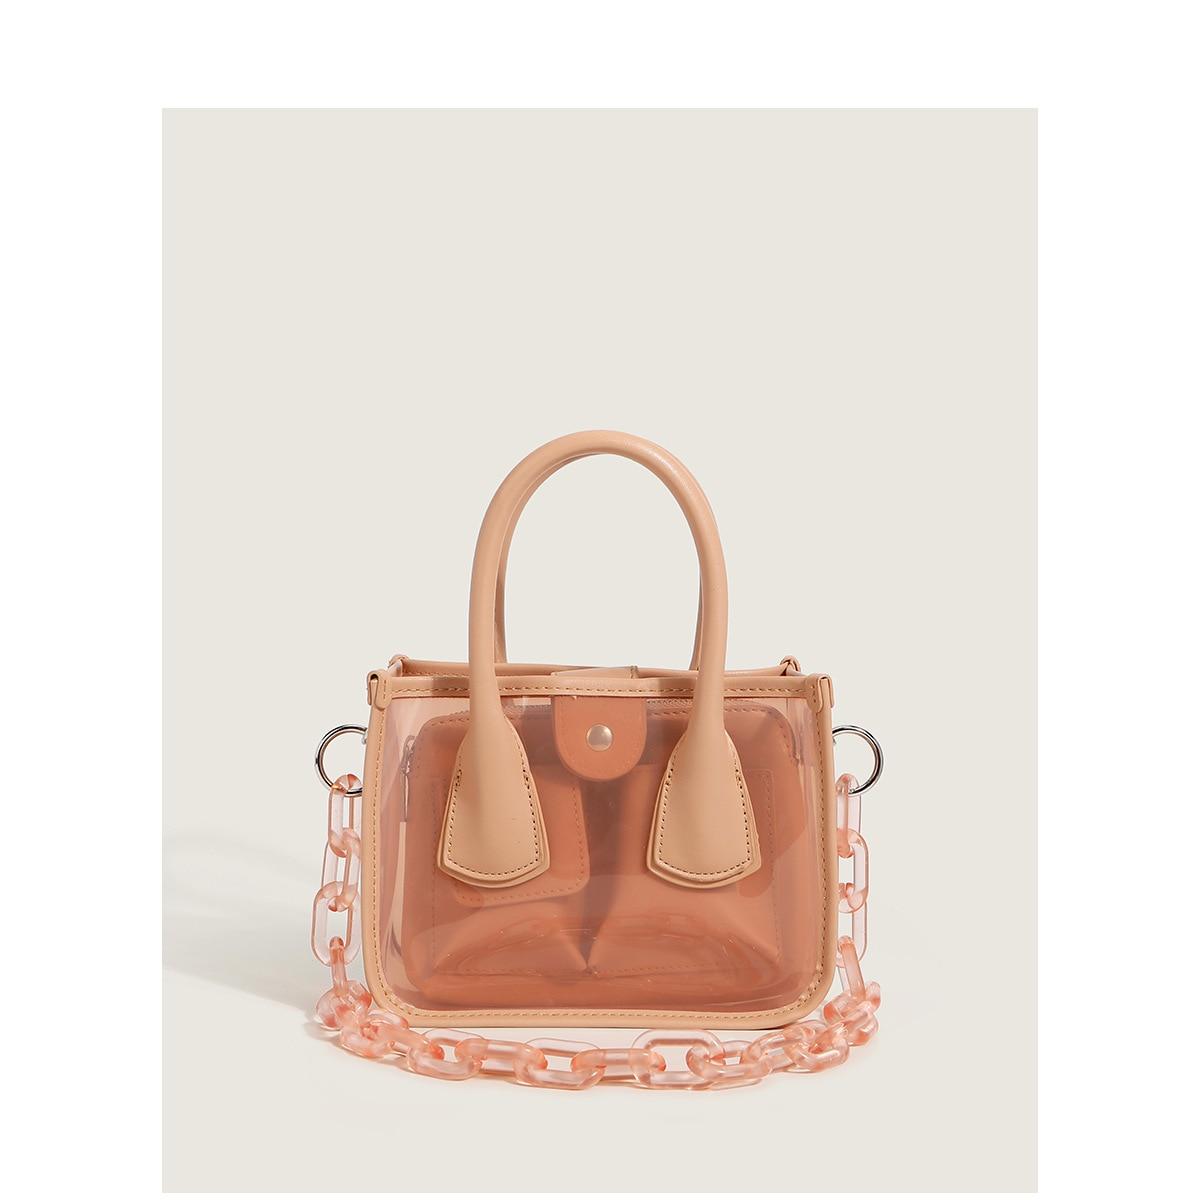 حقيبة الإناث 2021 صيف جديد الاكريليك سلسلة حقيبة الكتف حقيبة ساعي ck صغيرة شفافة المحمولة الأم والطفل حقيبة الإناث